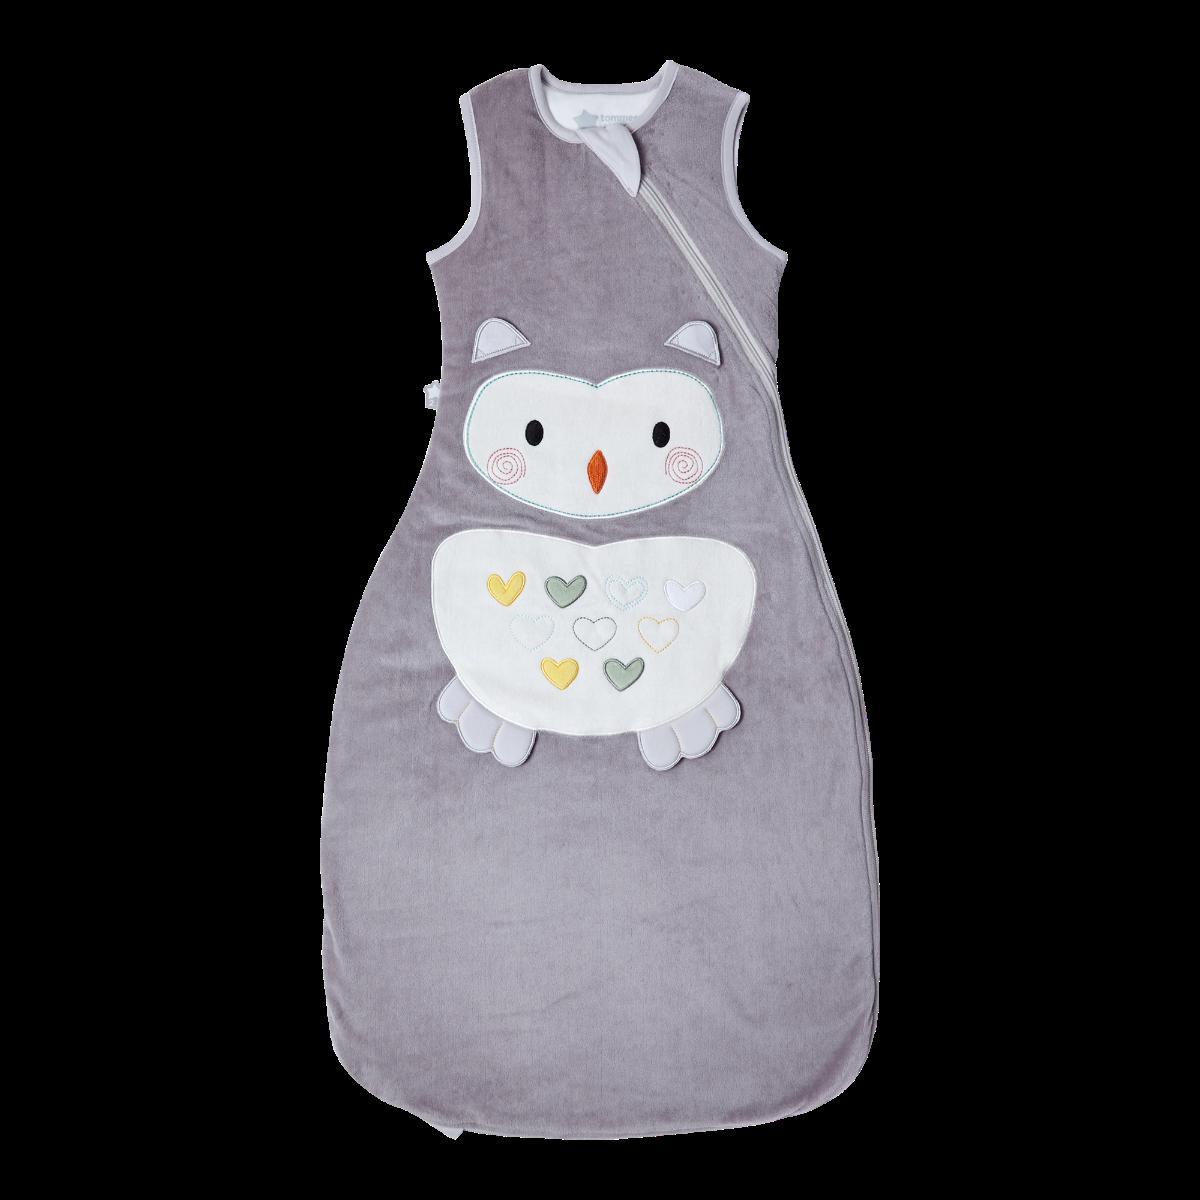 Spací pytel Grobag 6-18m letní Ollie the Owl